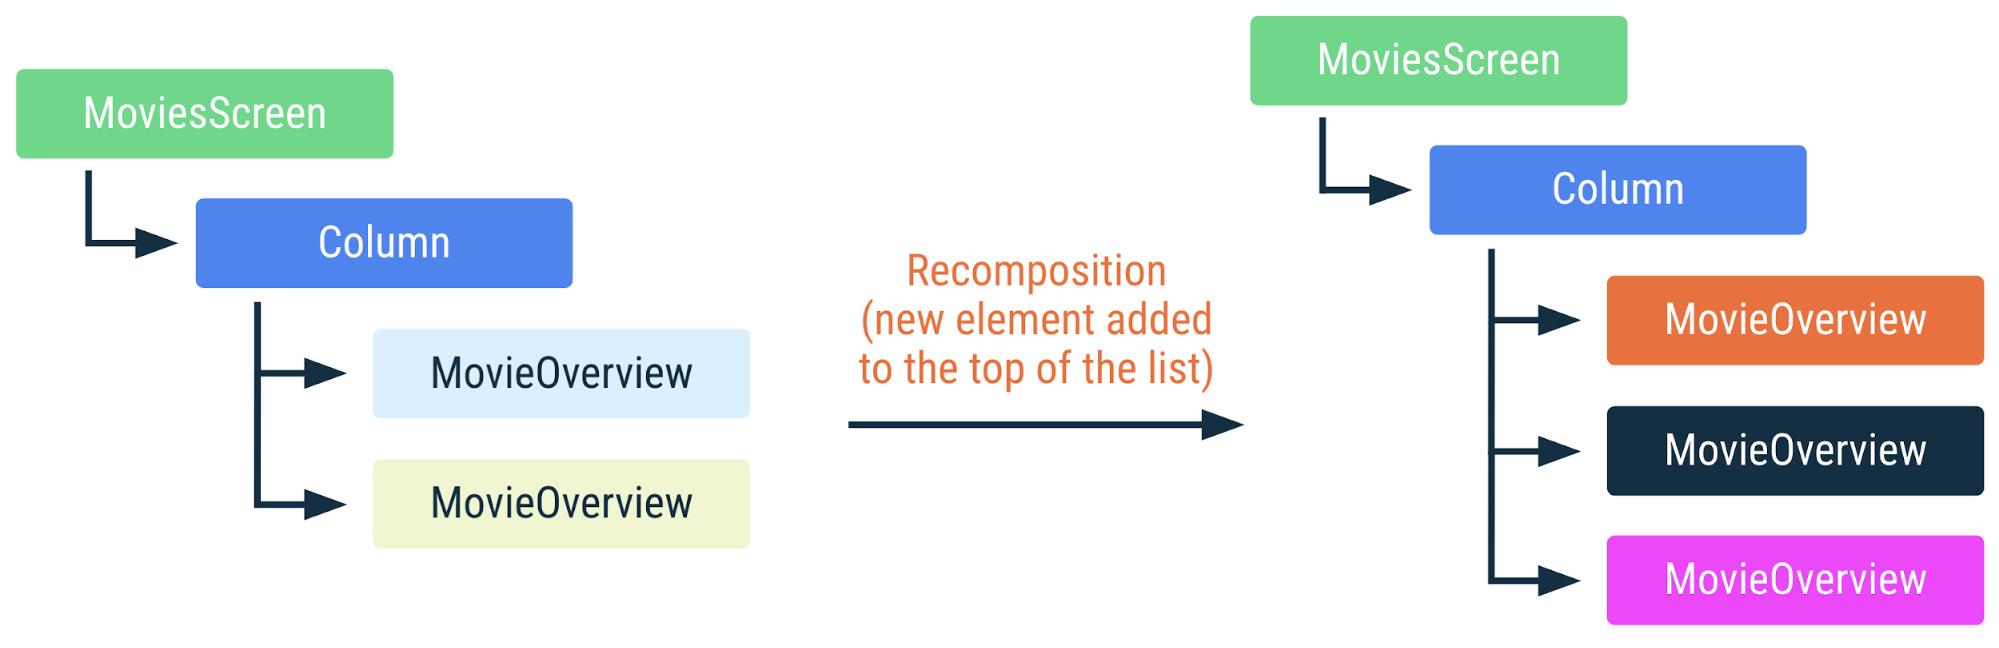 展示将新元素添加到列表顶部后上述代码重组方式的示意图。列表中的所有其他项都会更改位置,并且需要重组。